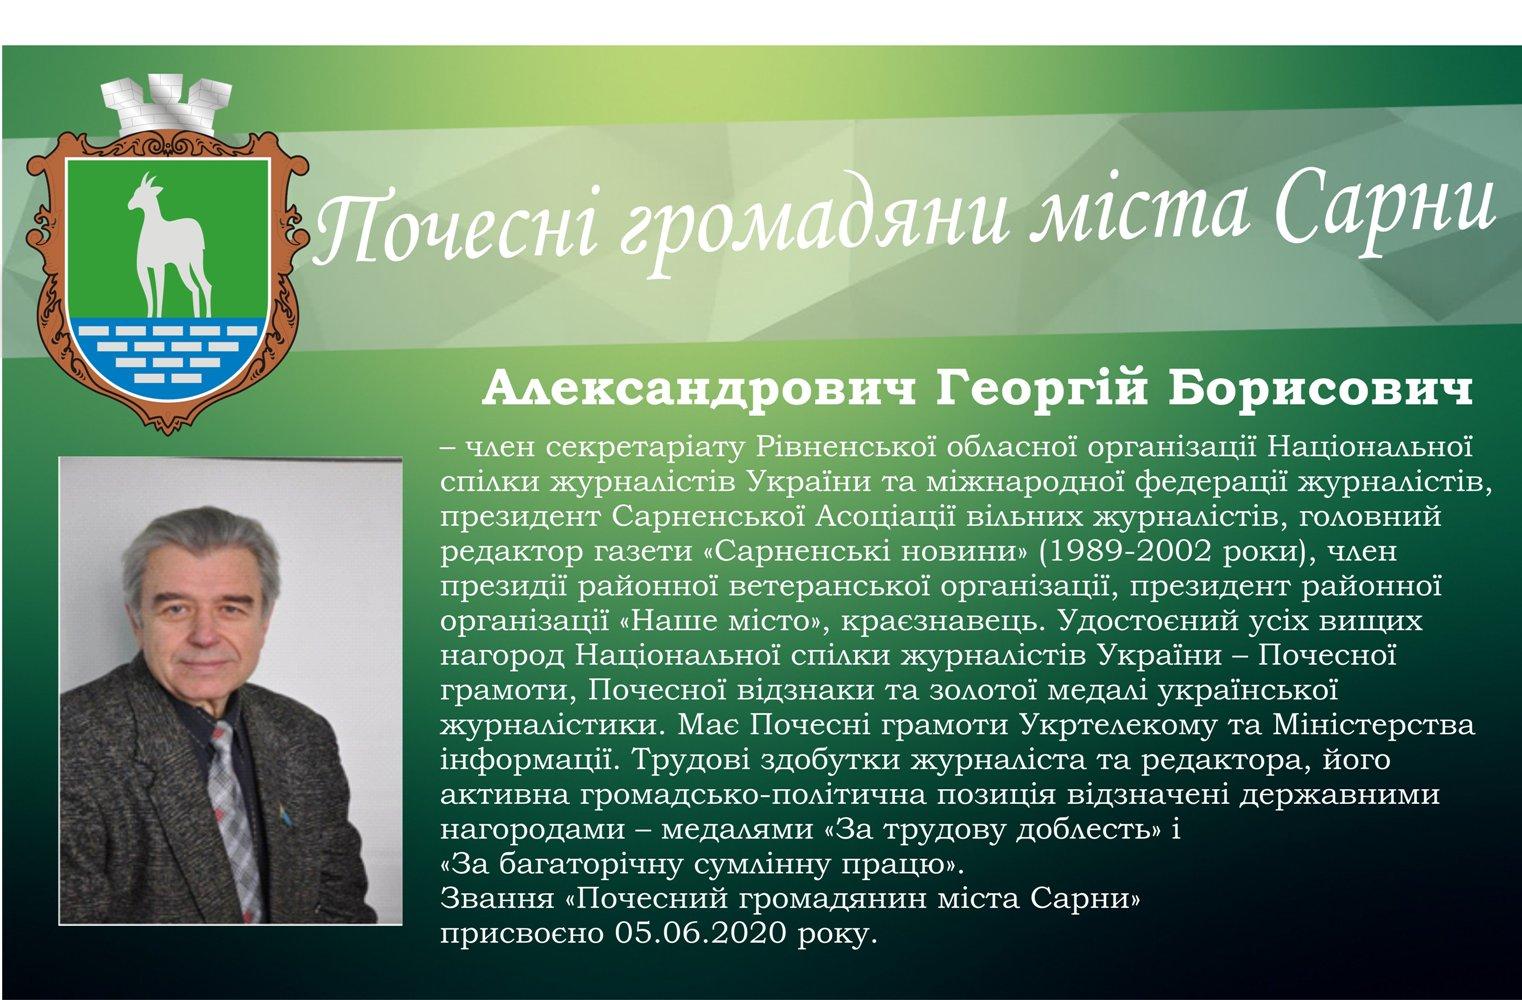 Александрович Георгій Борисович